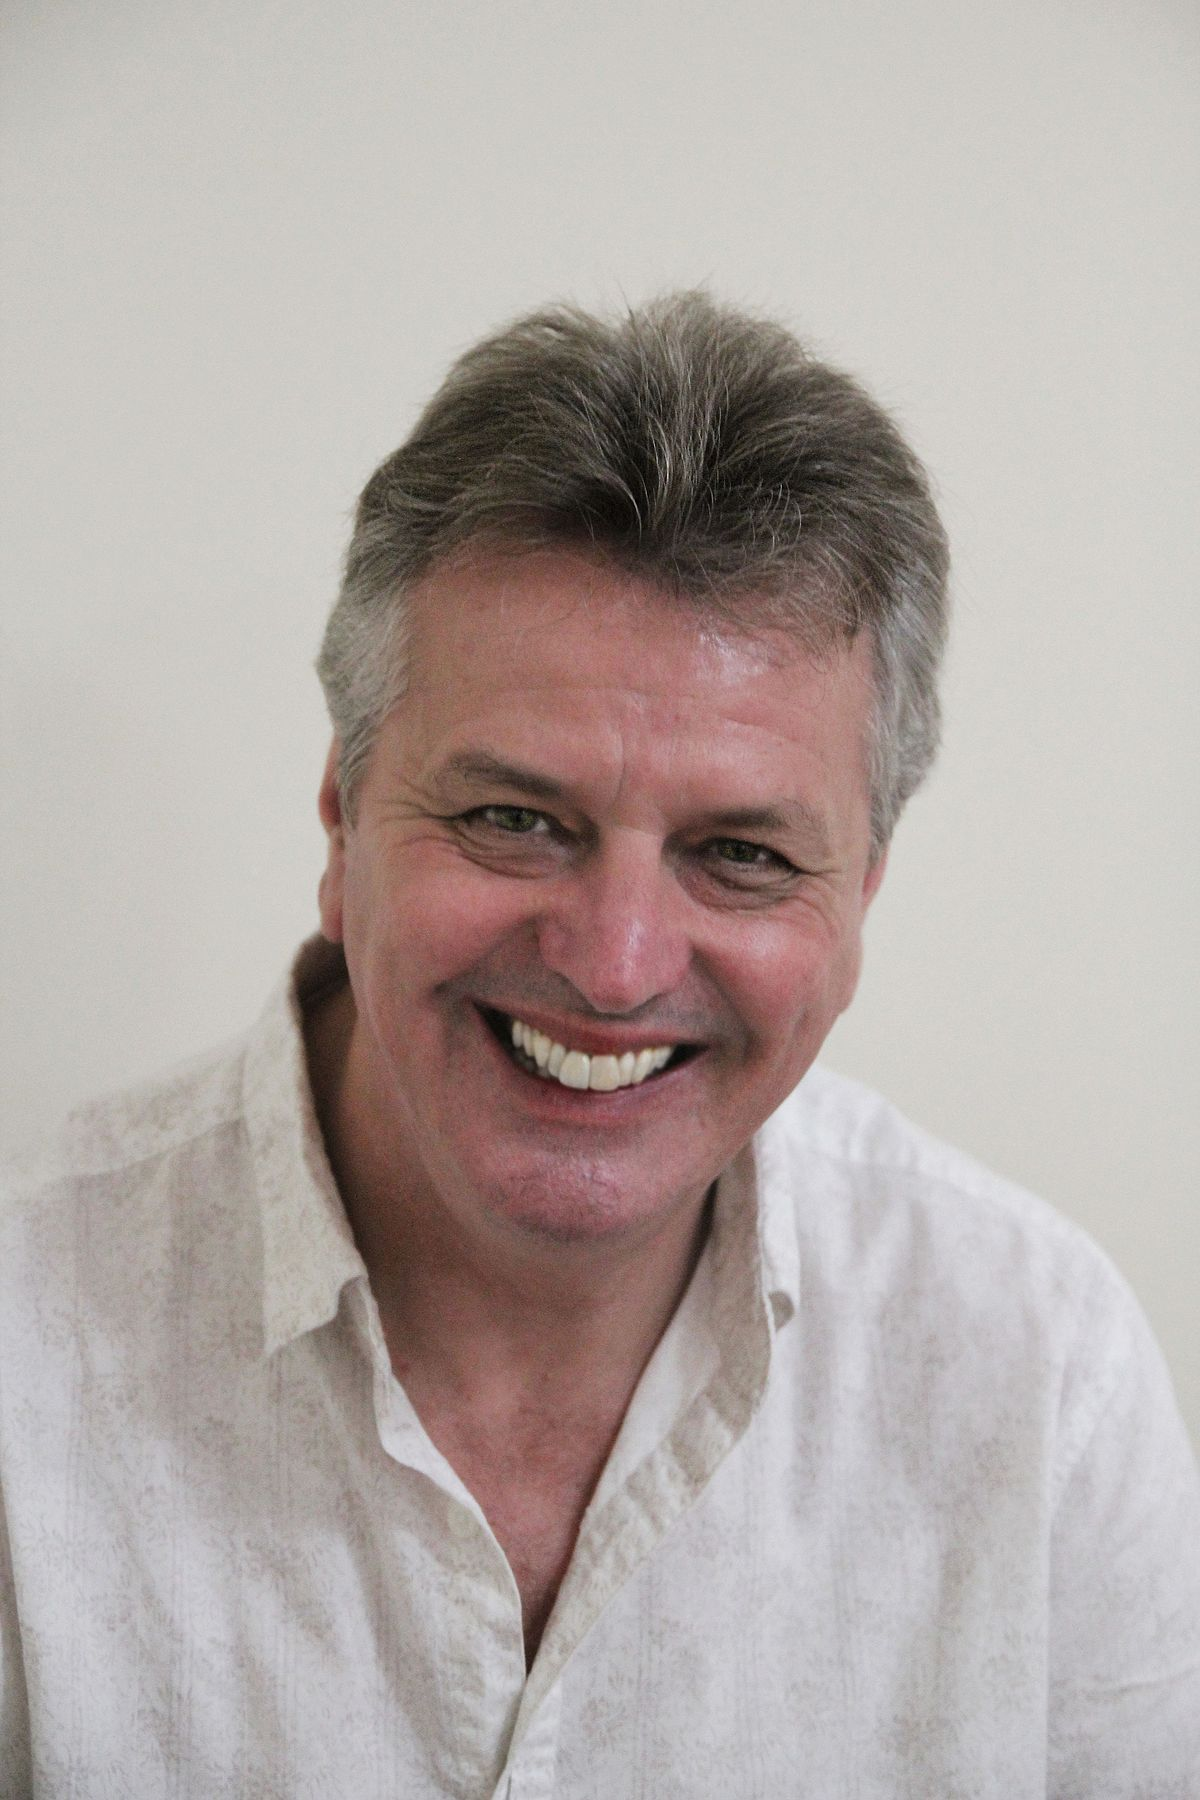 Jim baggott farewell to reality book